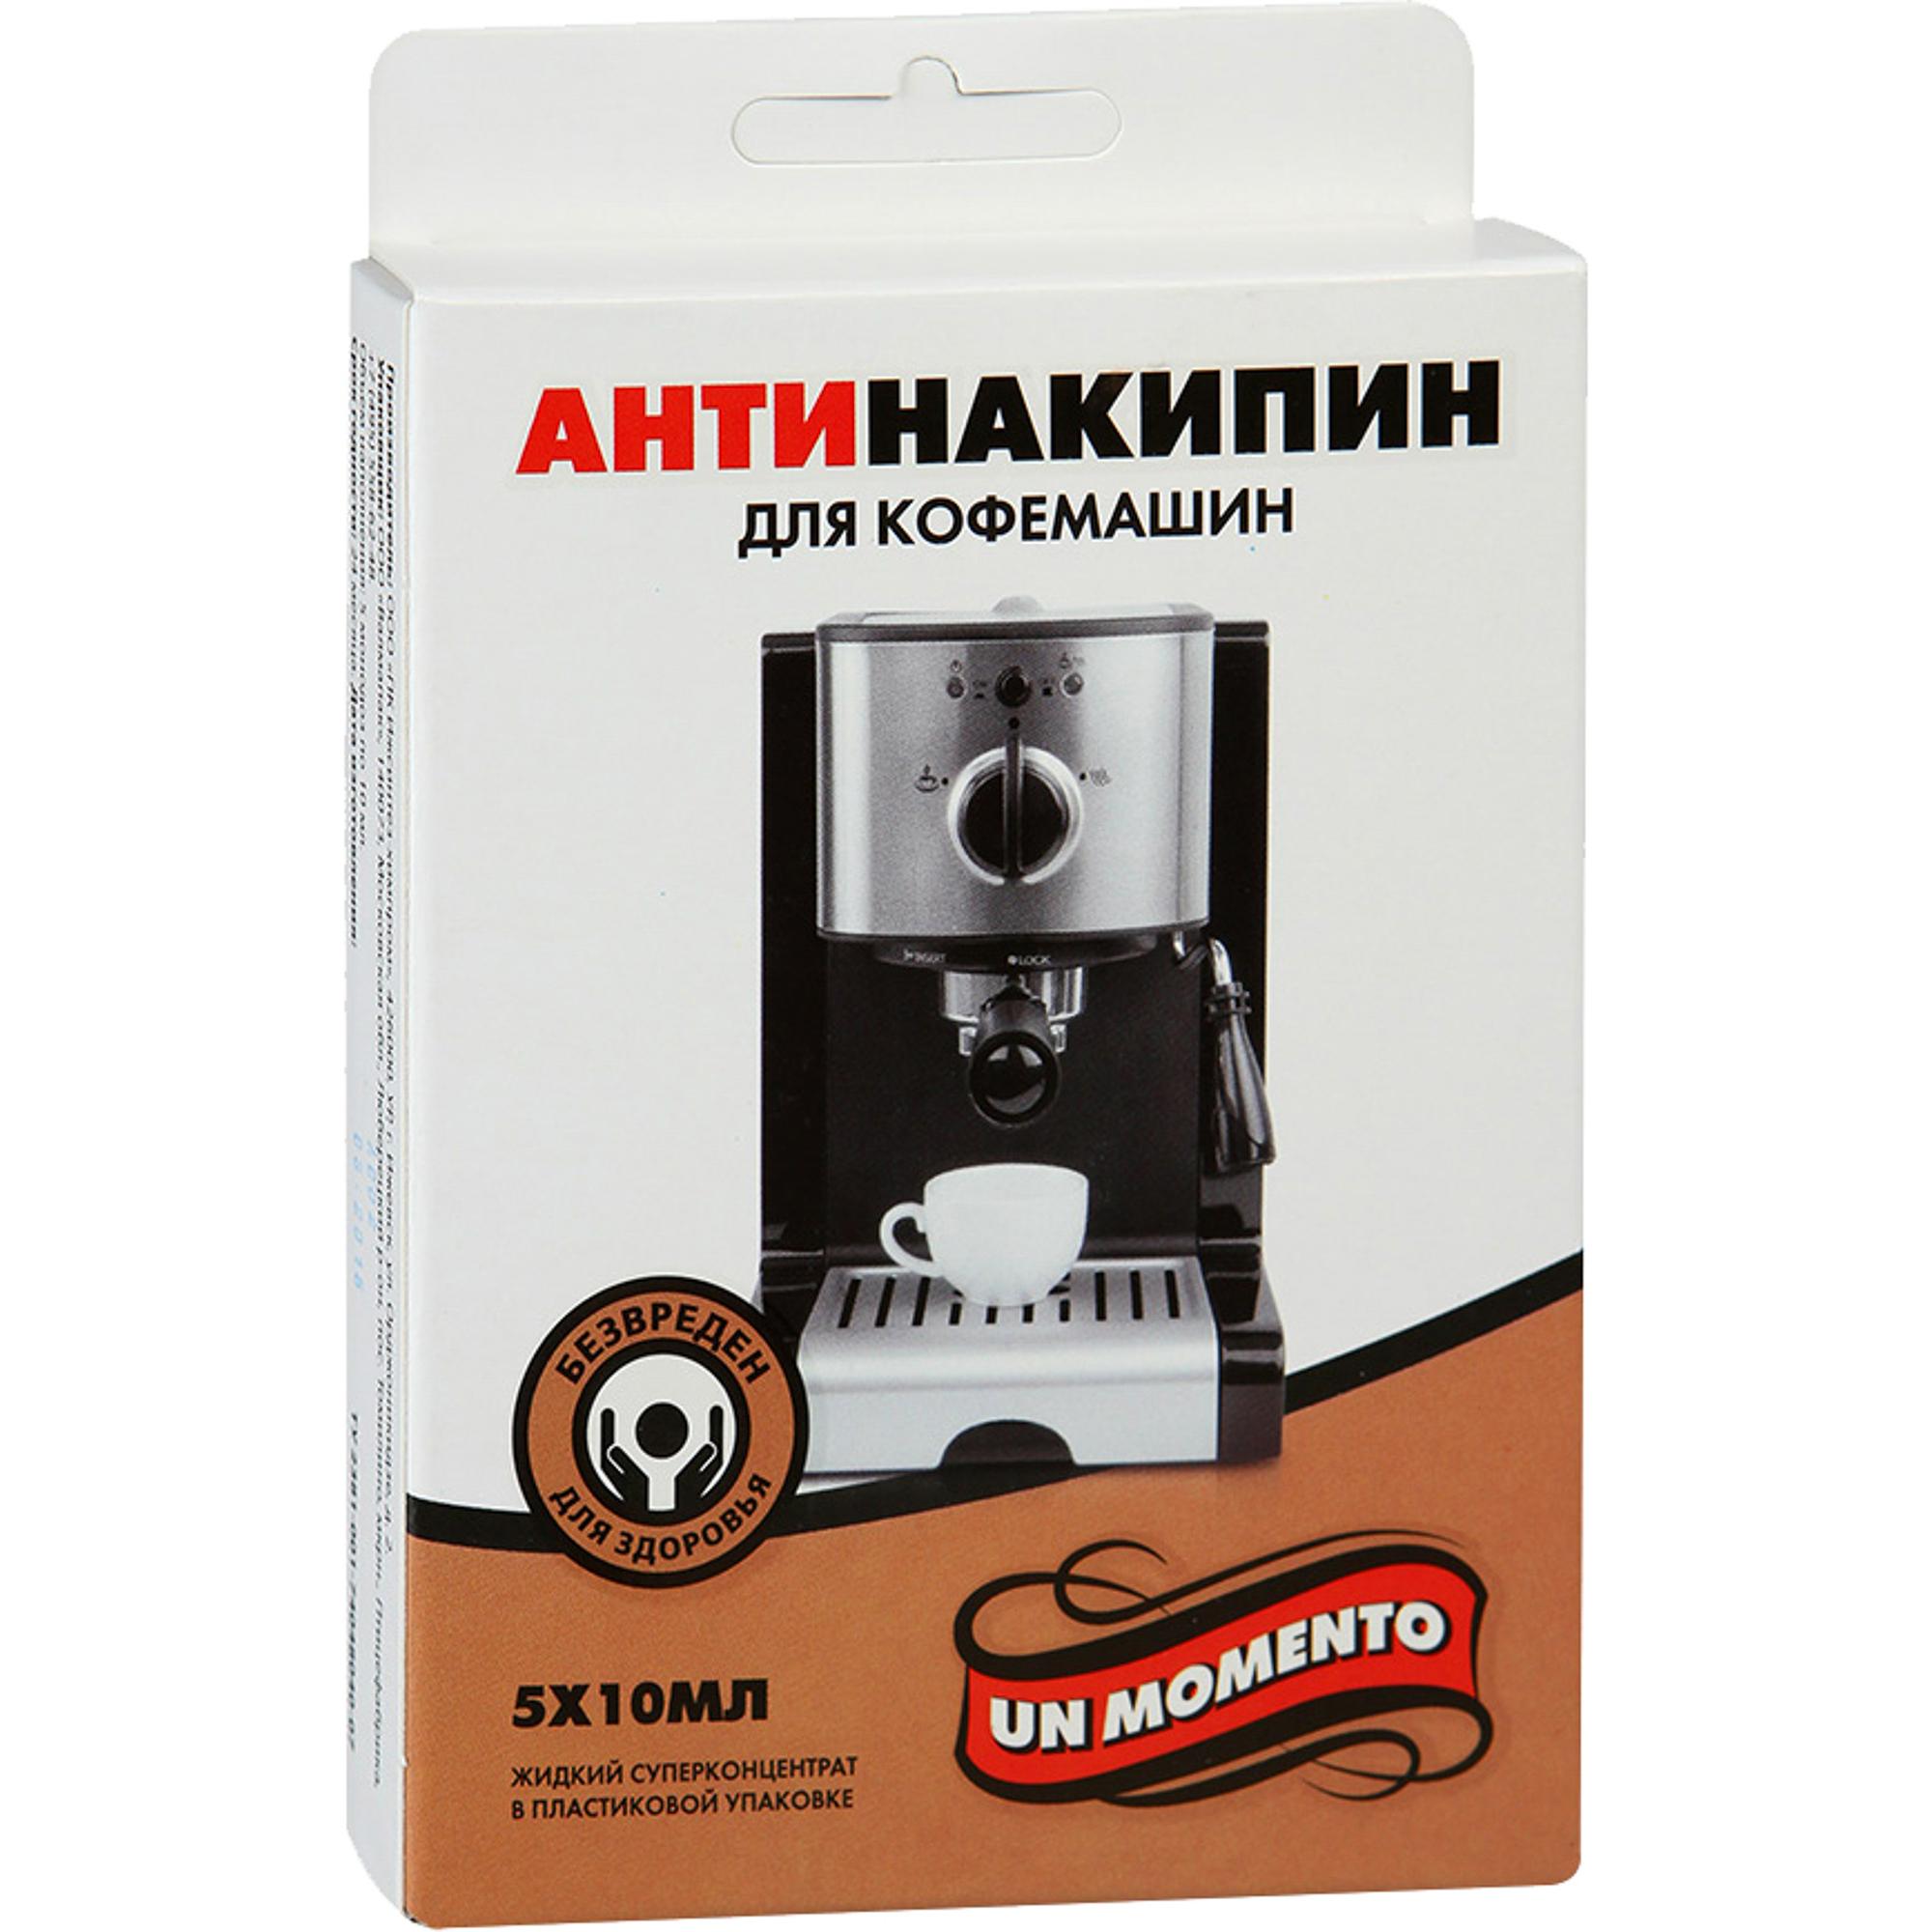 Средство от накипи Un Momento Антинакипин для кофемашин 5x10 мл